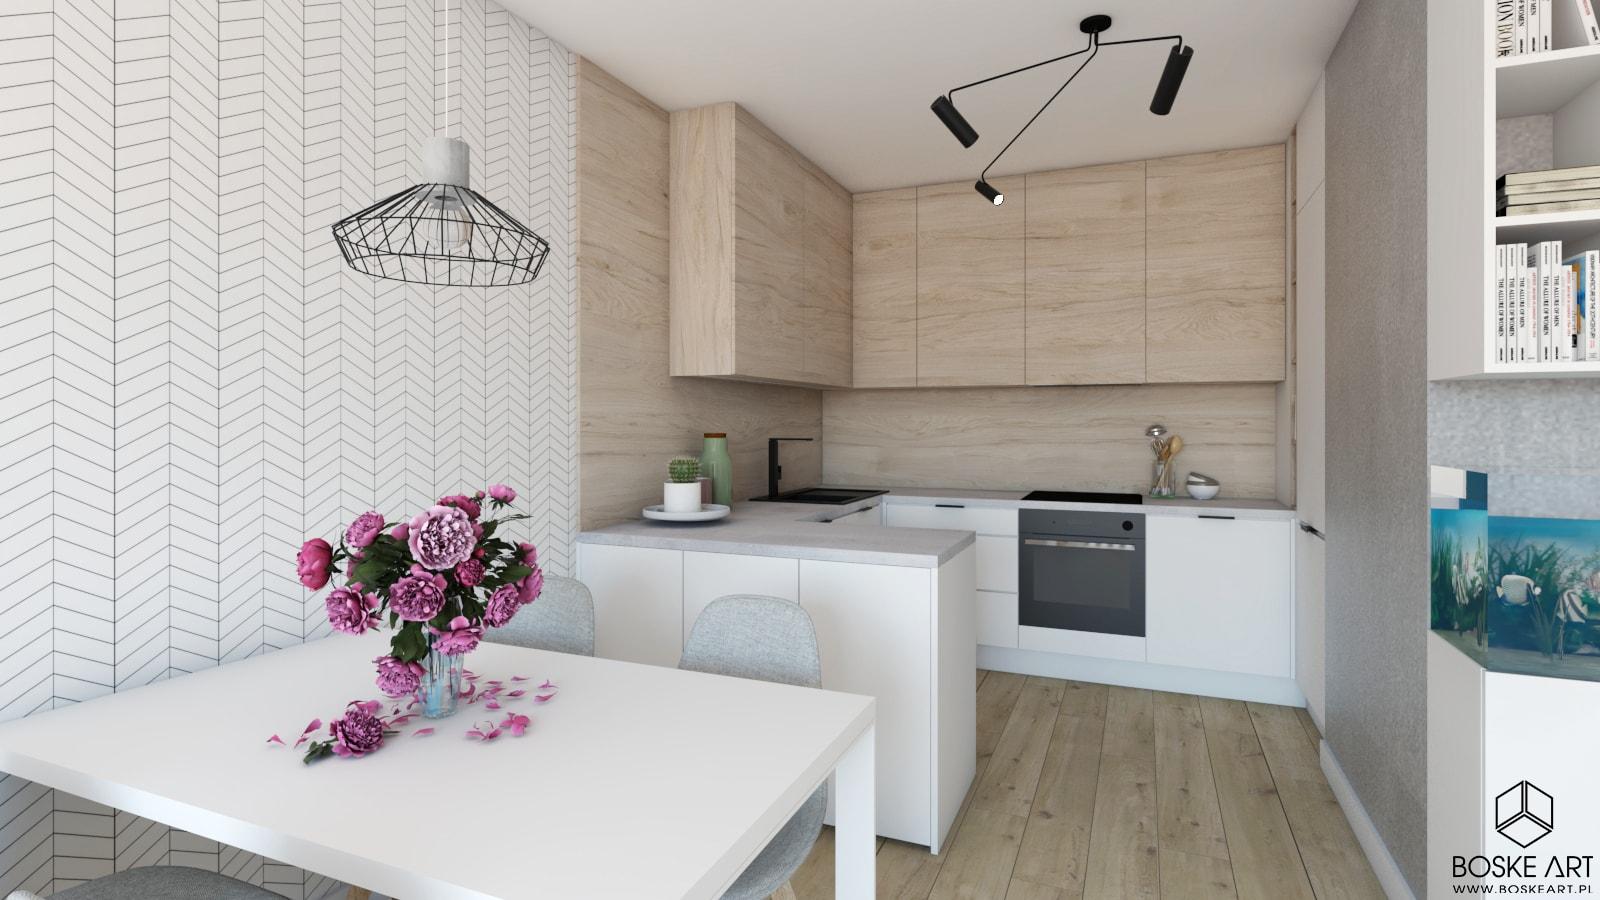 4_mieszkanie_gniezno_boske_art_projektowanie wnetrz_architektura_natalia_robaszkiewicz-min